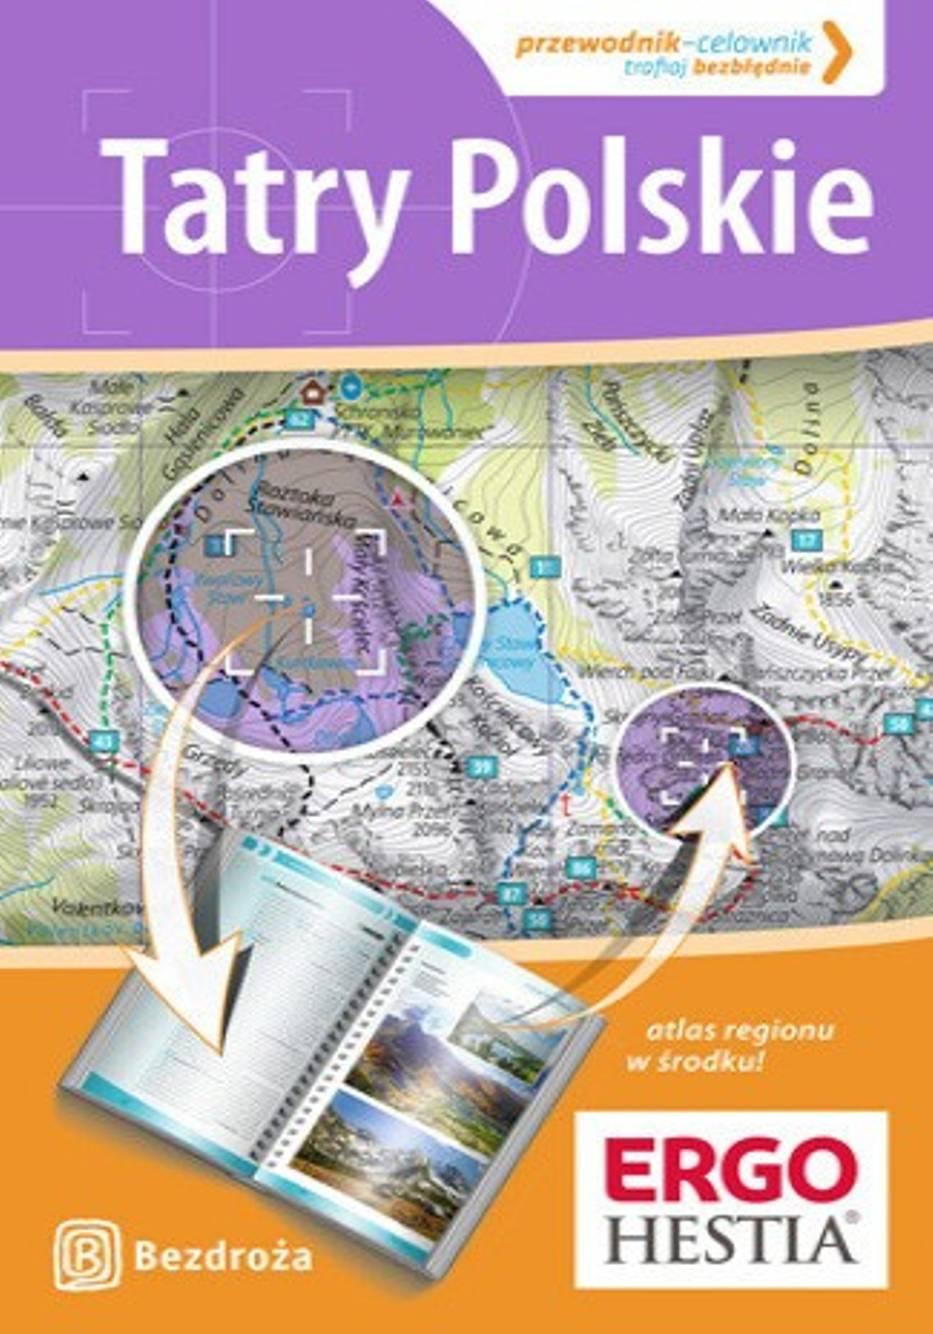 Konkurs Wygraj Tatry Polskie Przewodnik Celownik Katowice